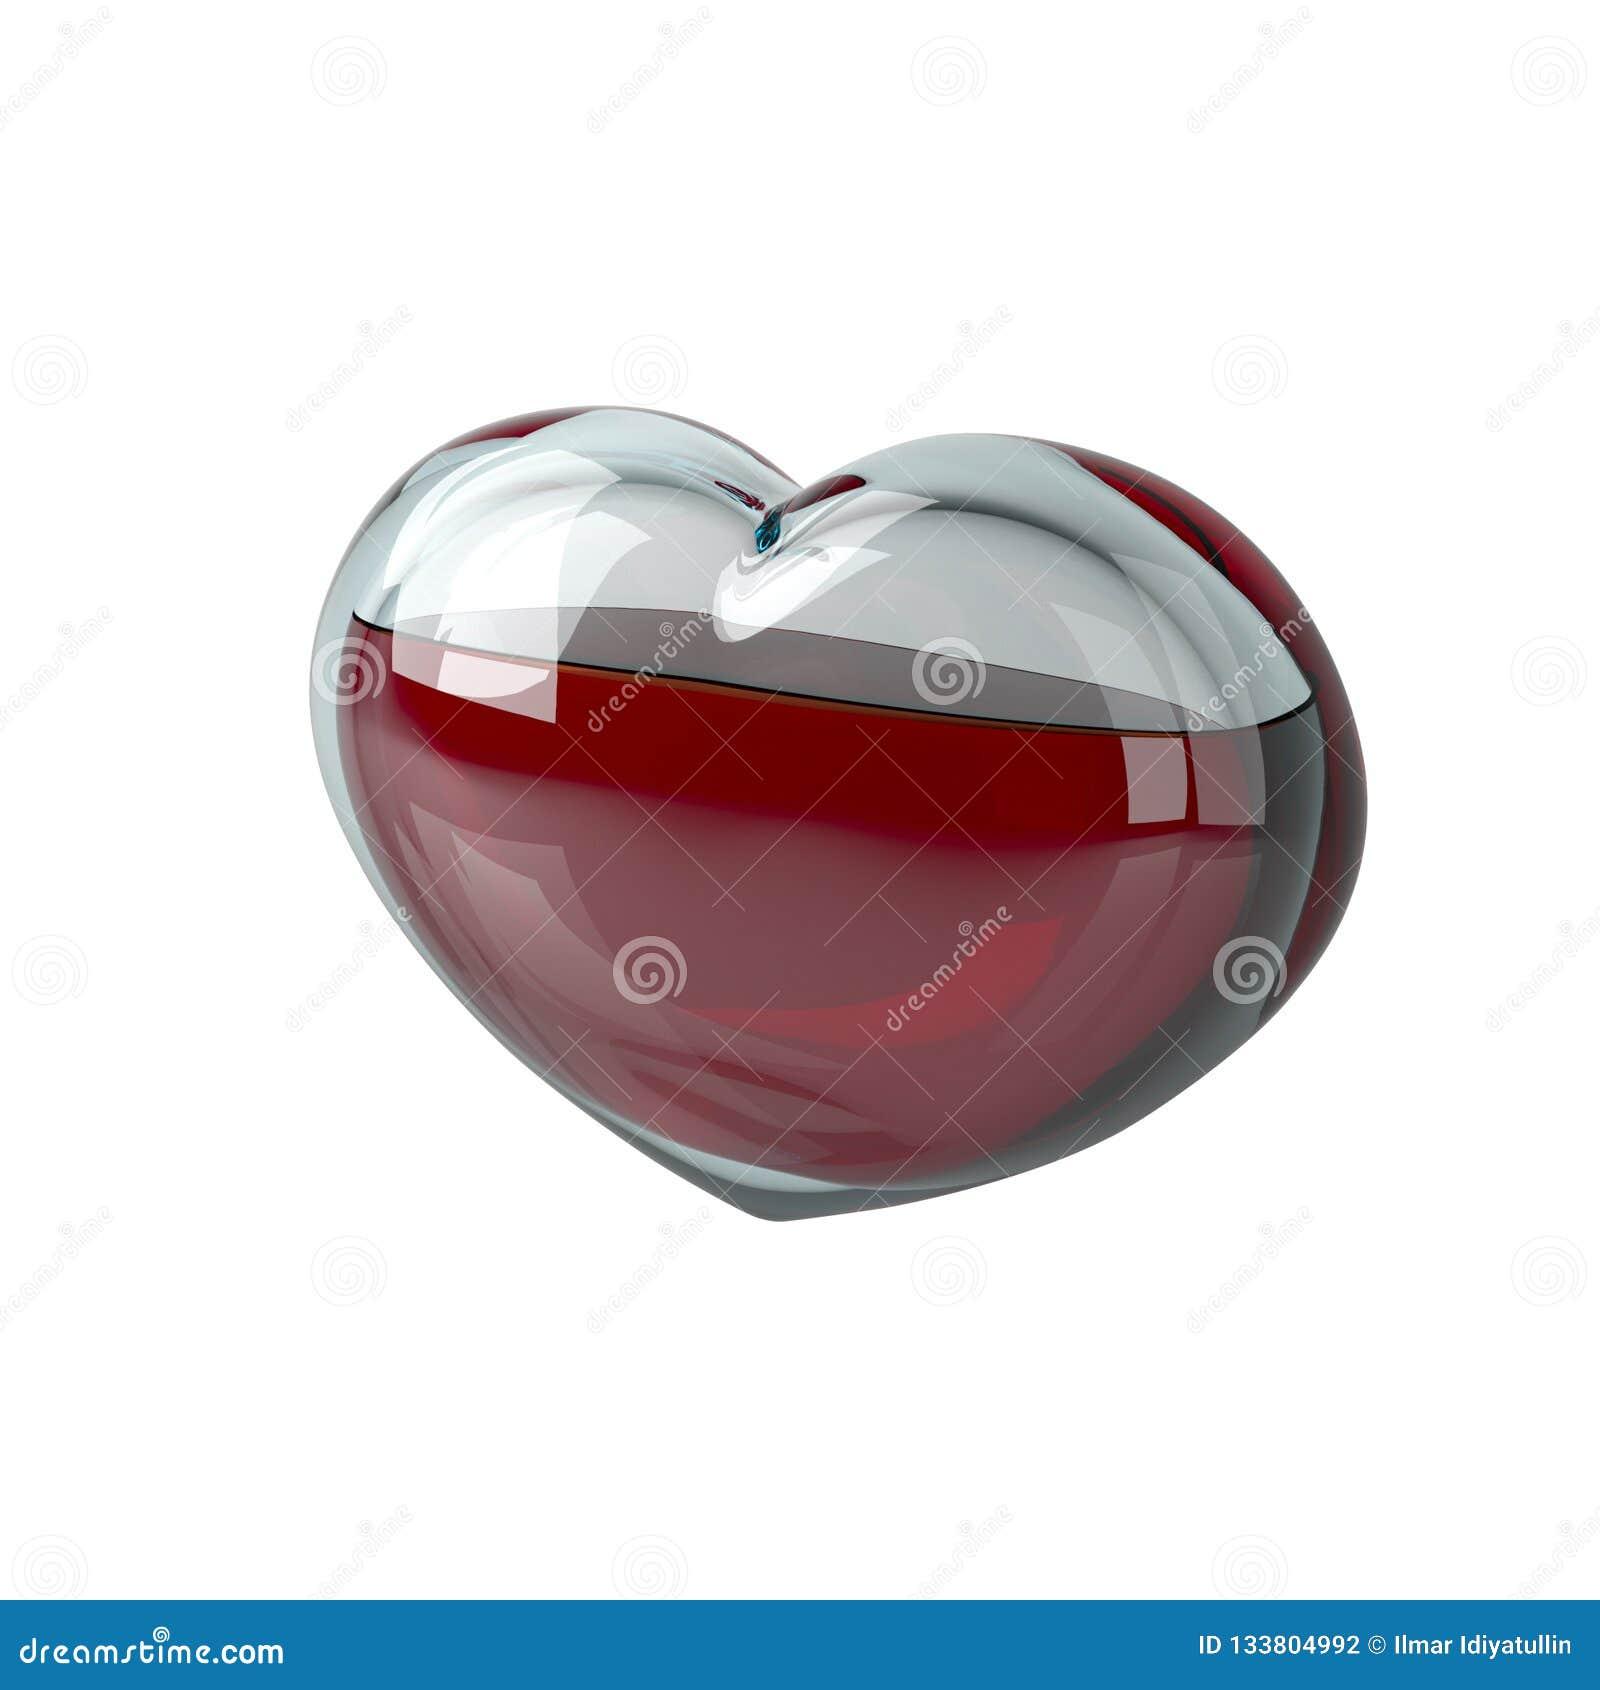 Стеклянное сердце заполнено с красной жидкостью, как кровь на белом